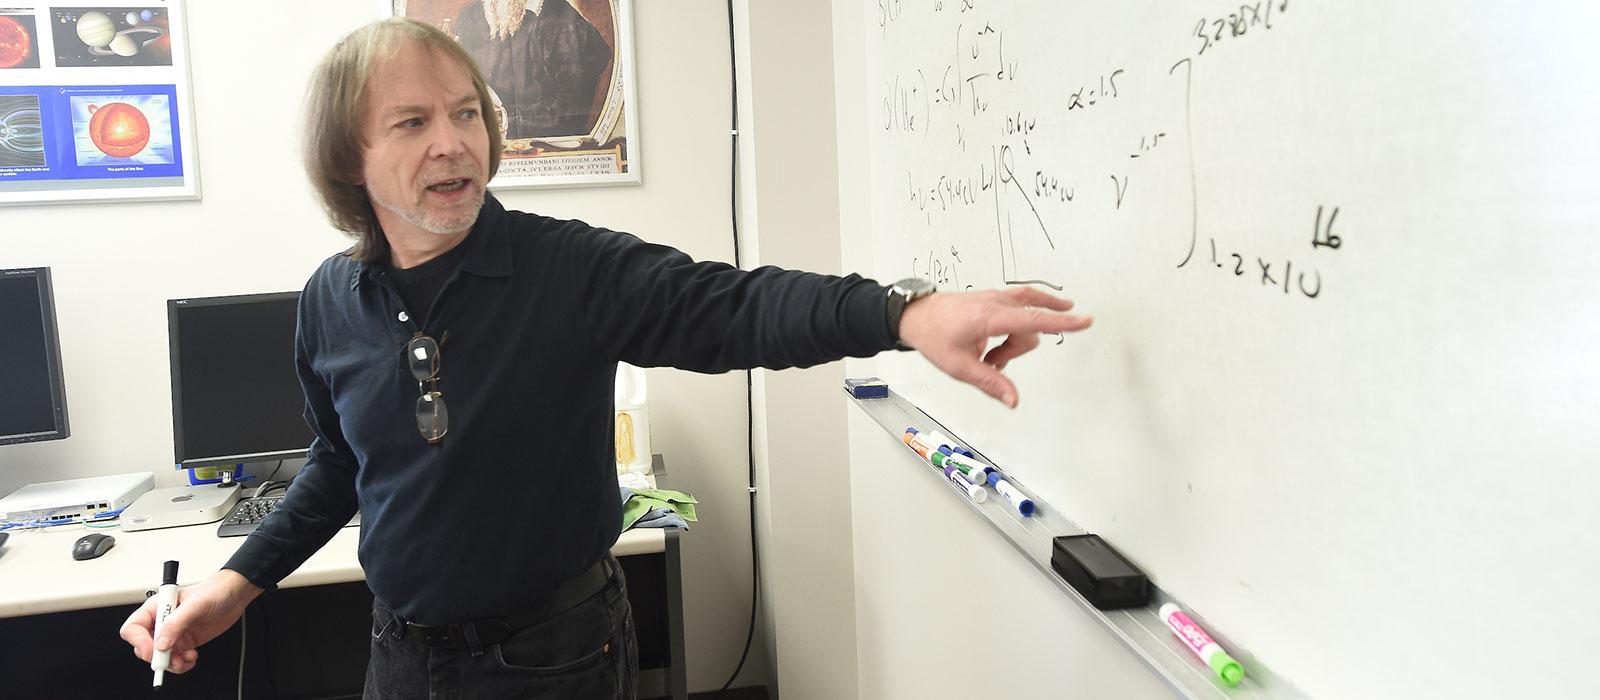 Professor Steve Kraemer